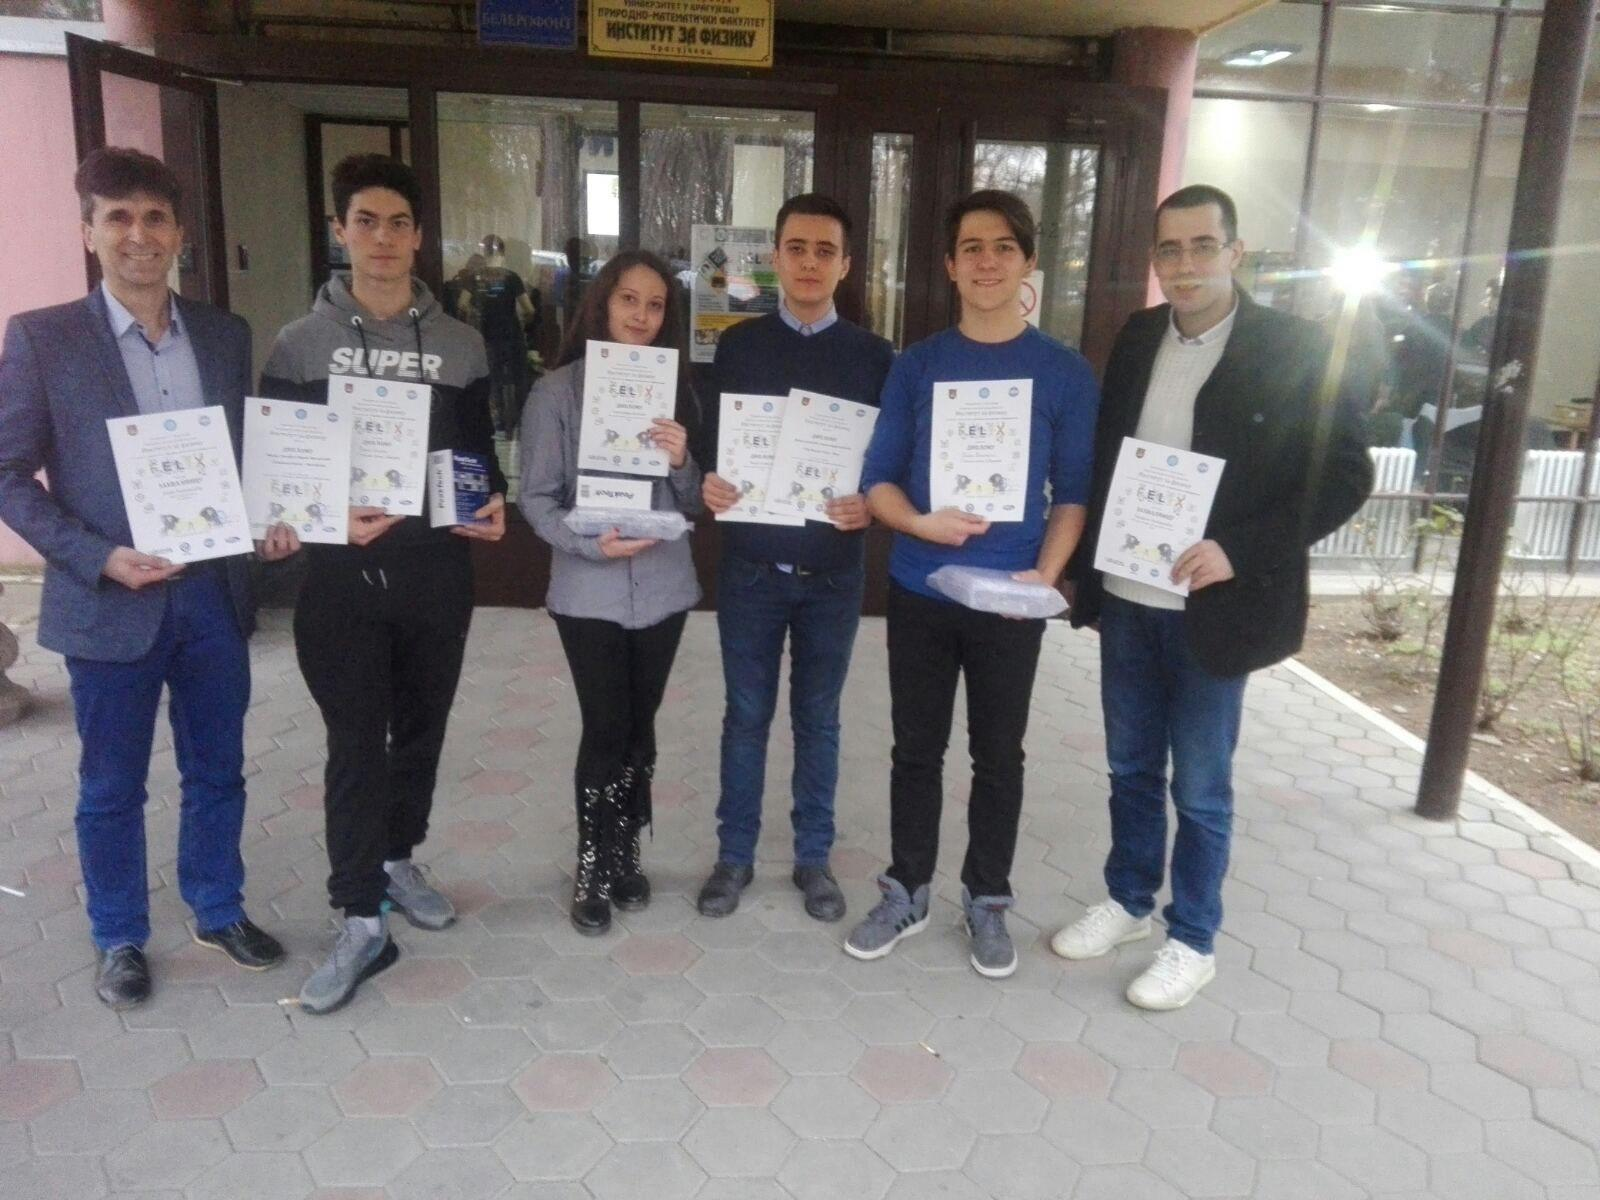 Ученици Прве техничке школе освојили трећу награду на такмичењу FELIX